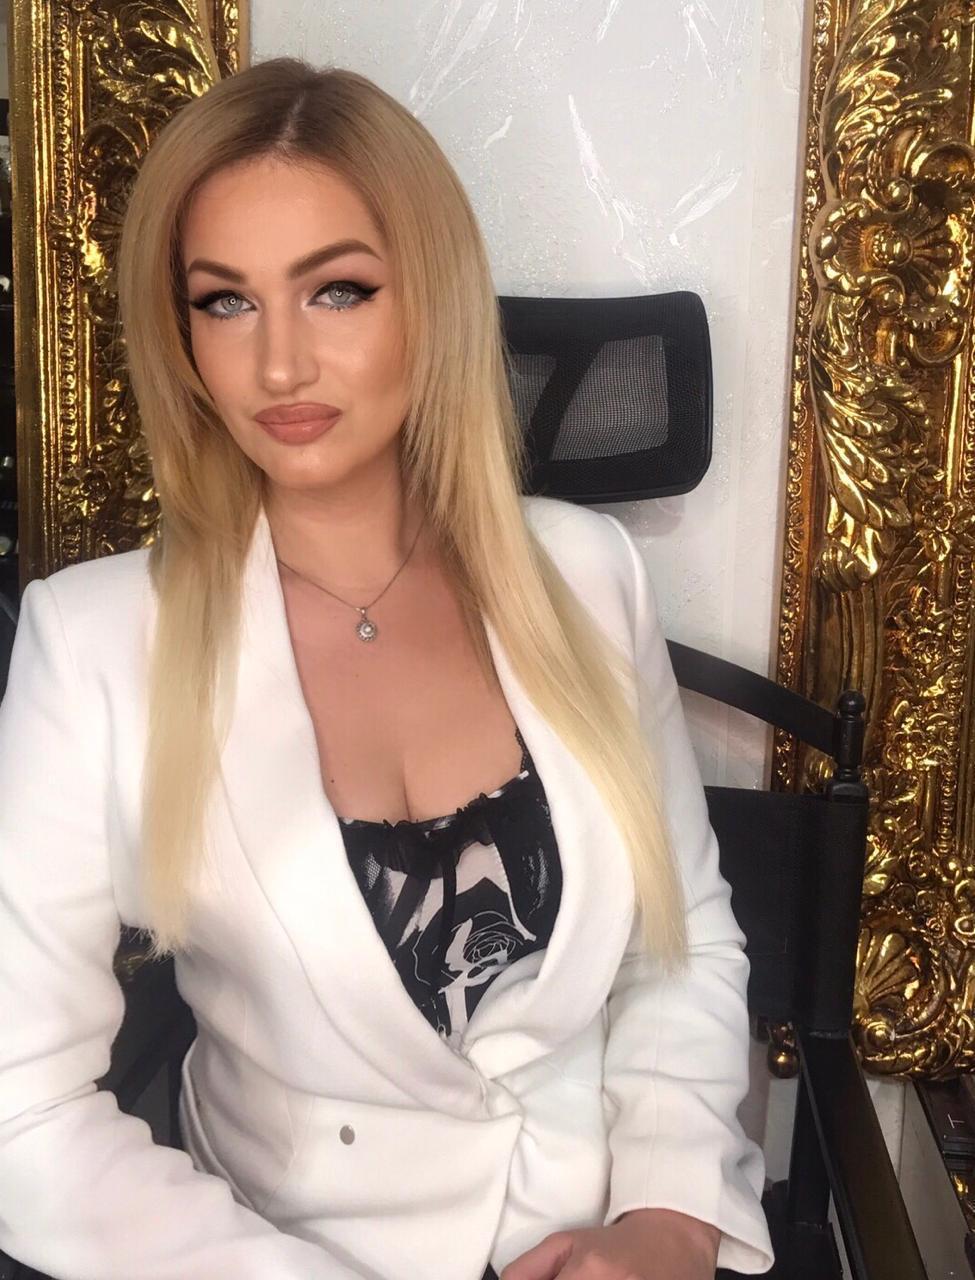 Avokatja Albana Jeminaj: Të jesh avokate do të thotë përgjegjësi e madhe dhe ndershmëri profesionale